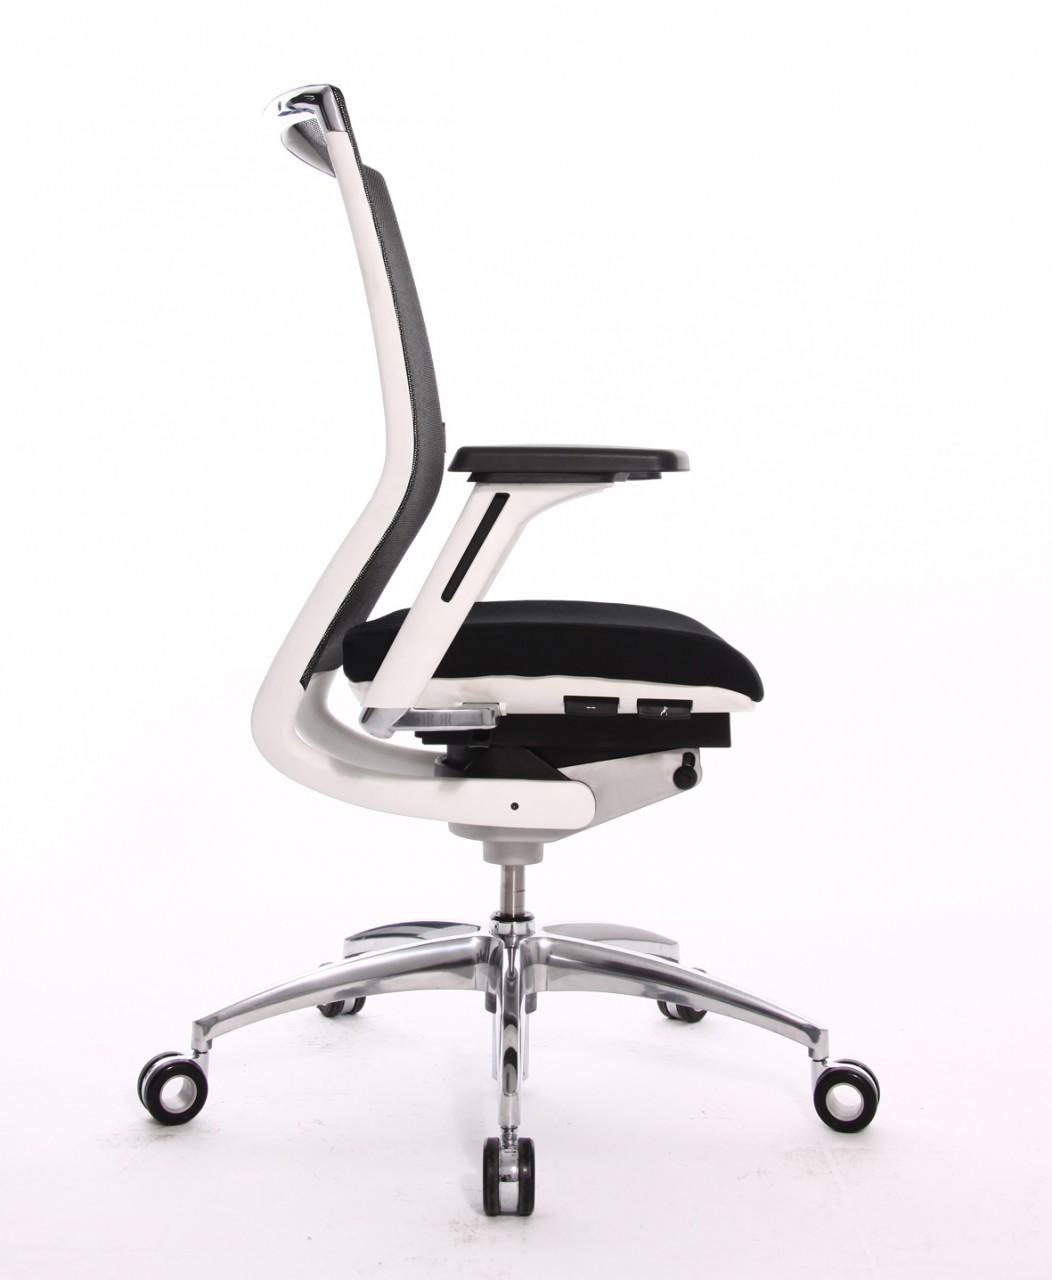 Fauteuil de bureau haut de gamme titan 10 achat si ges for Mobilier bureau haut de gamme